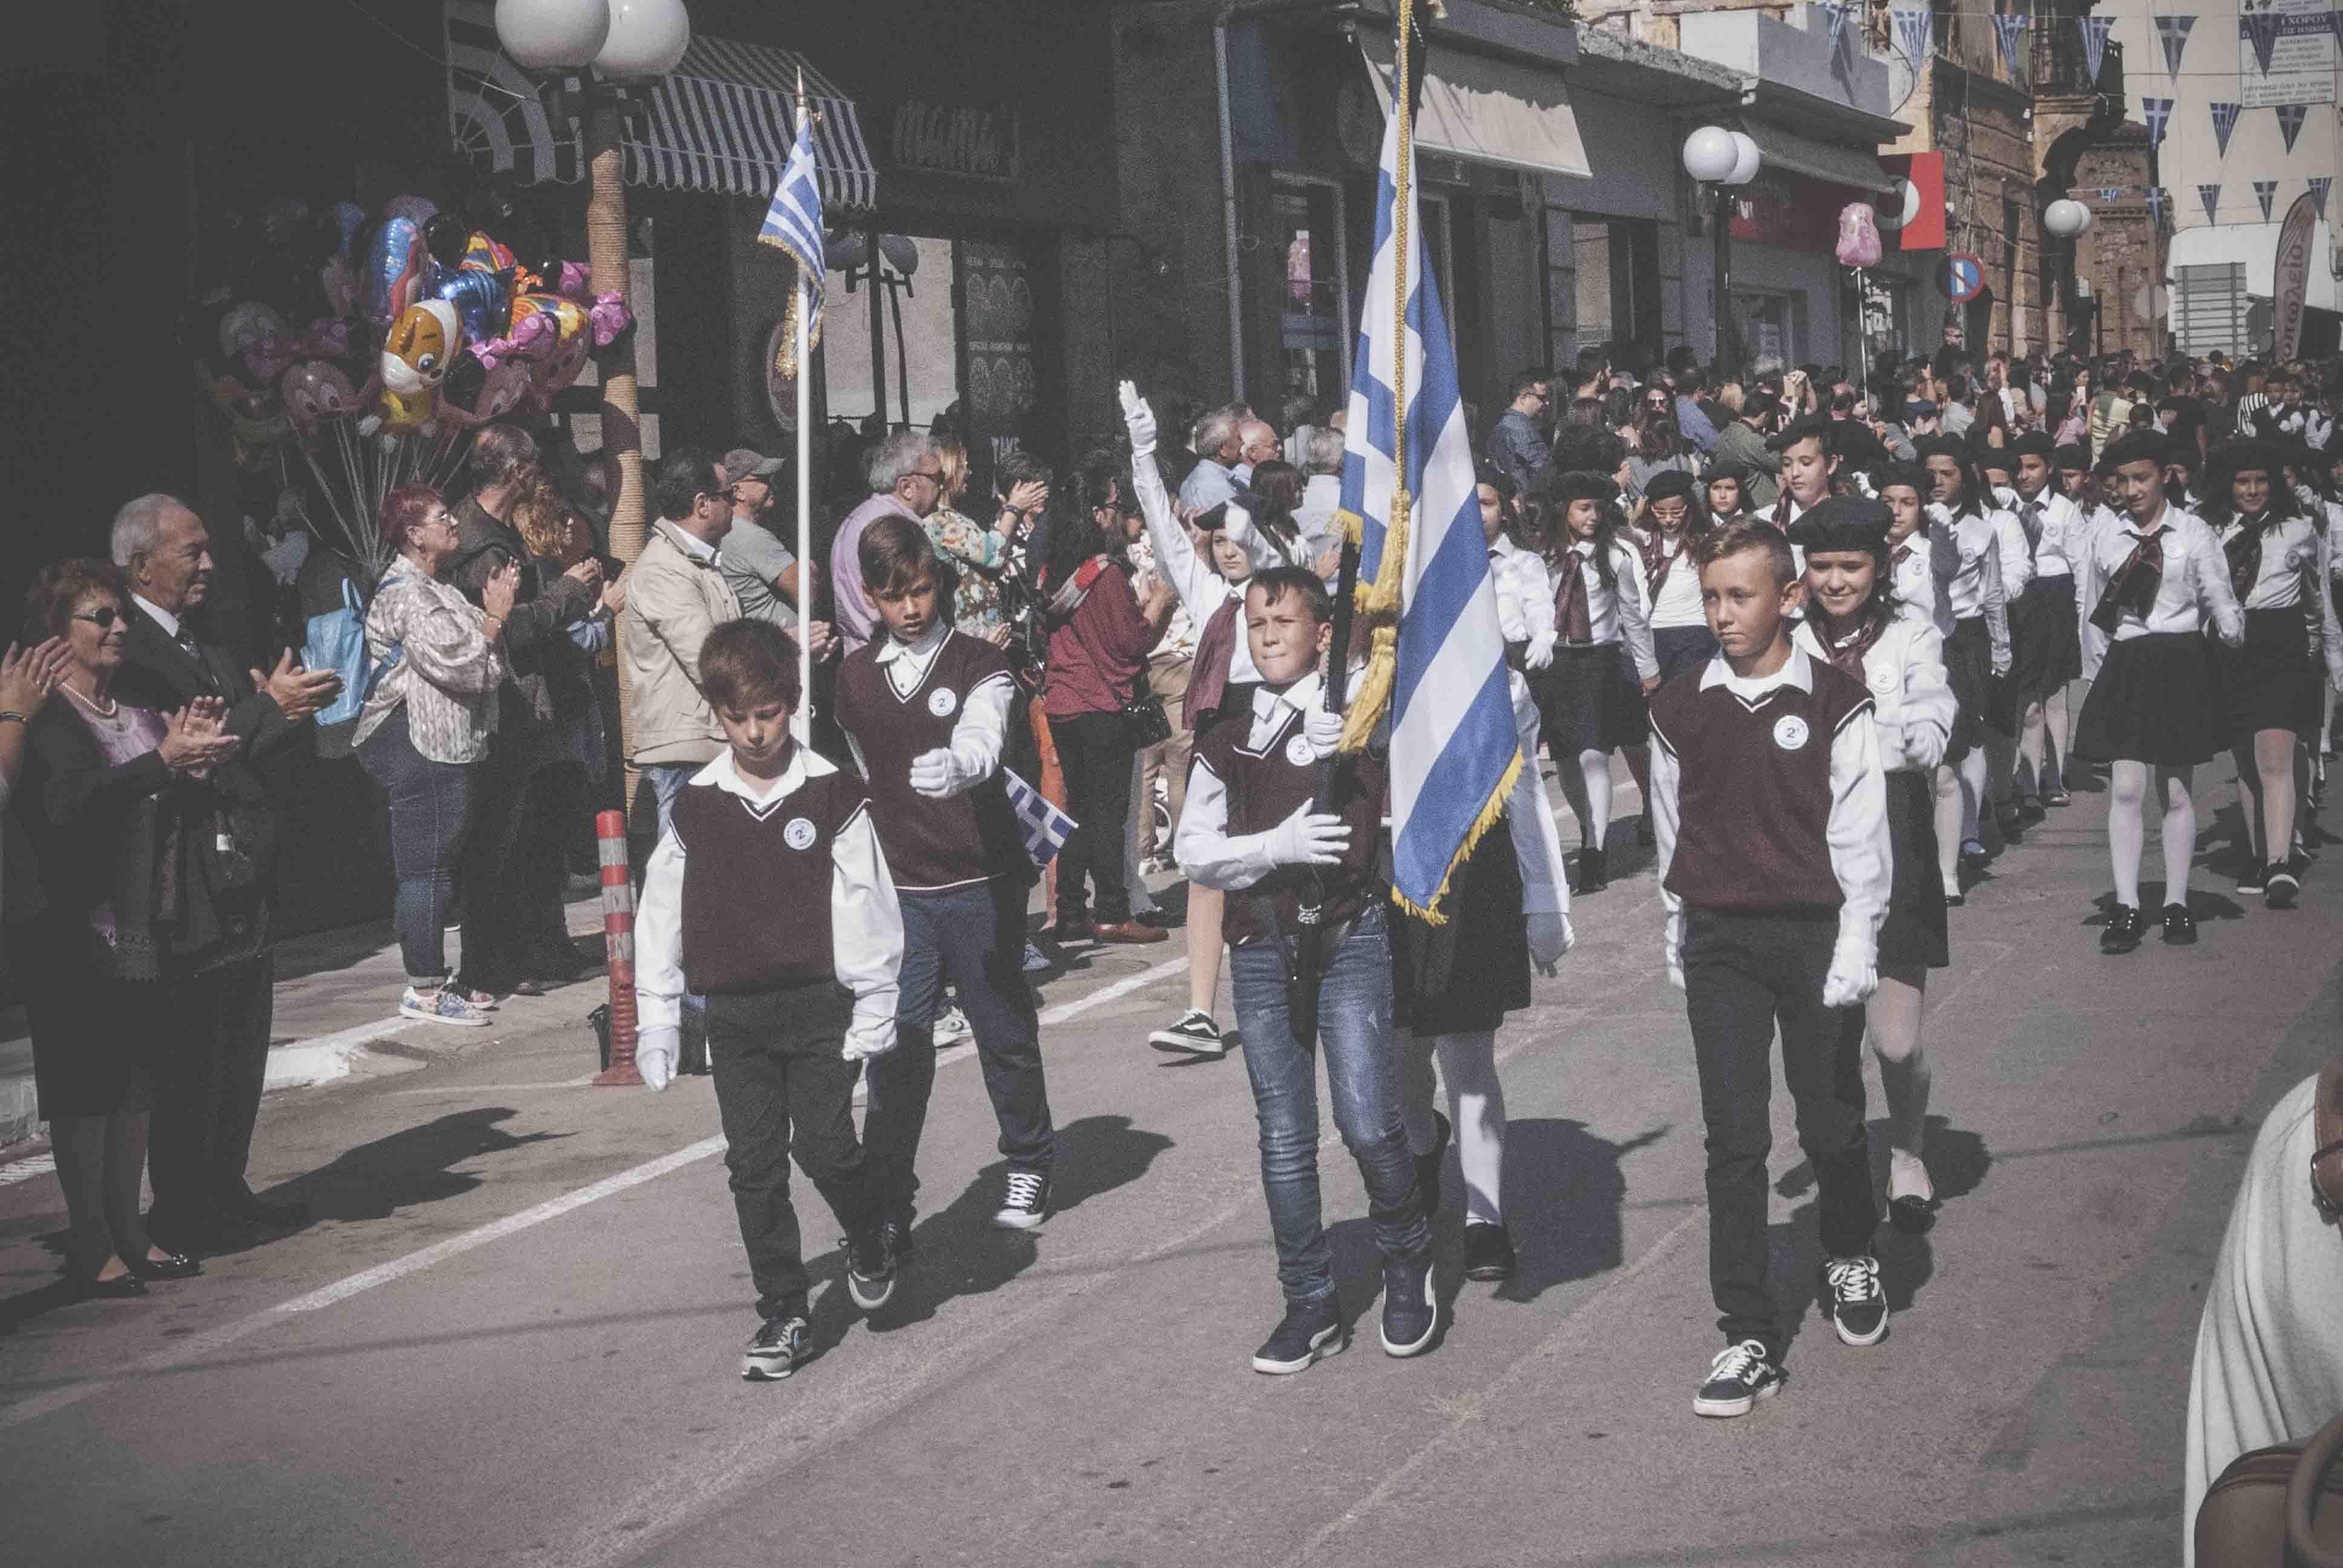 Η παρέλαση της 28ης Οκτωβρίου σε Καστέλλα και Ψαχνά (φωτό) DSC 0365